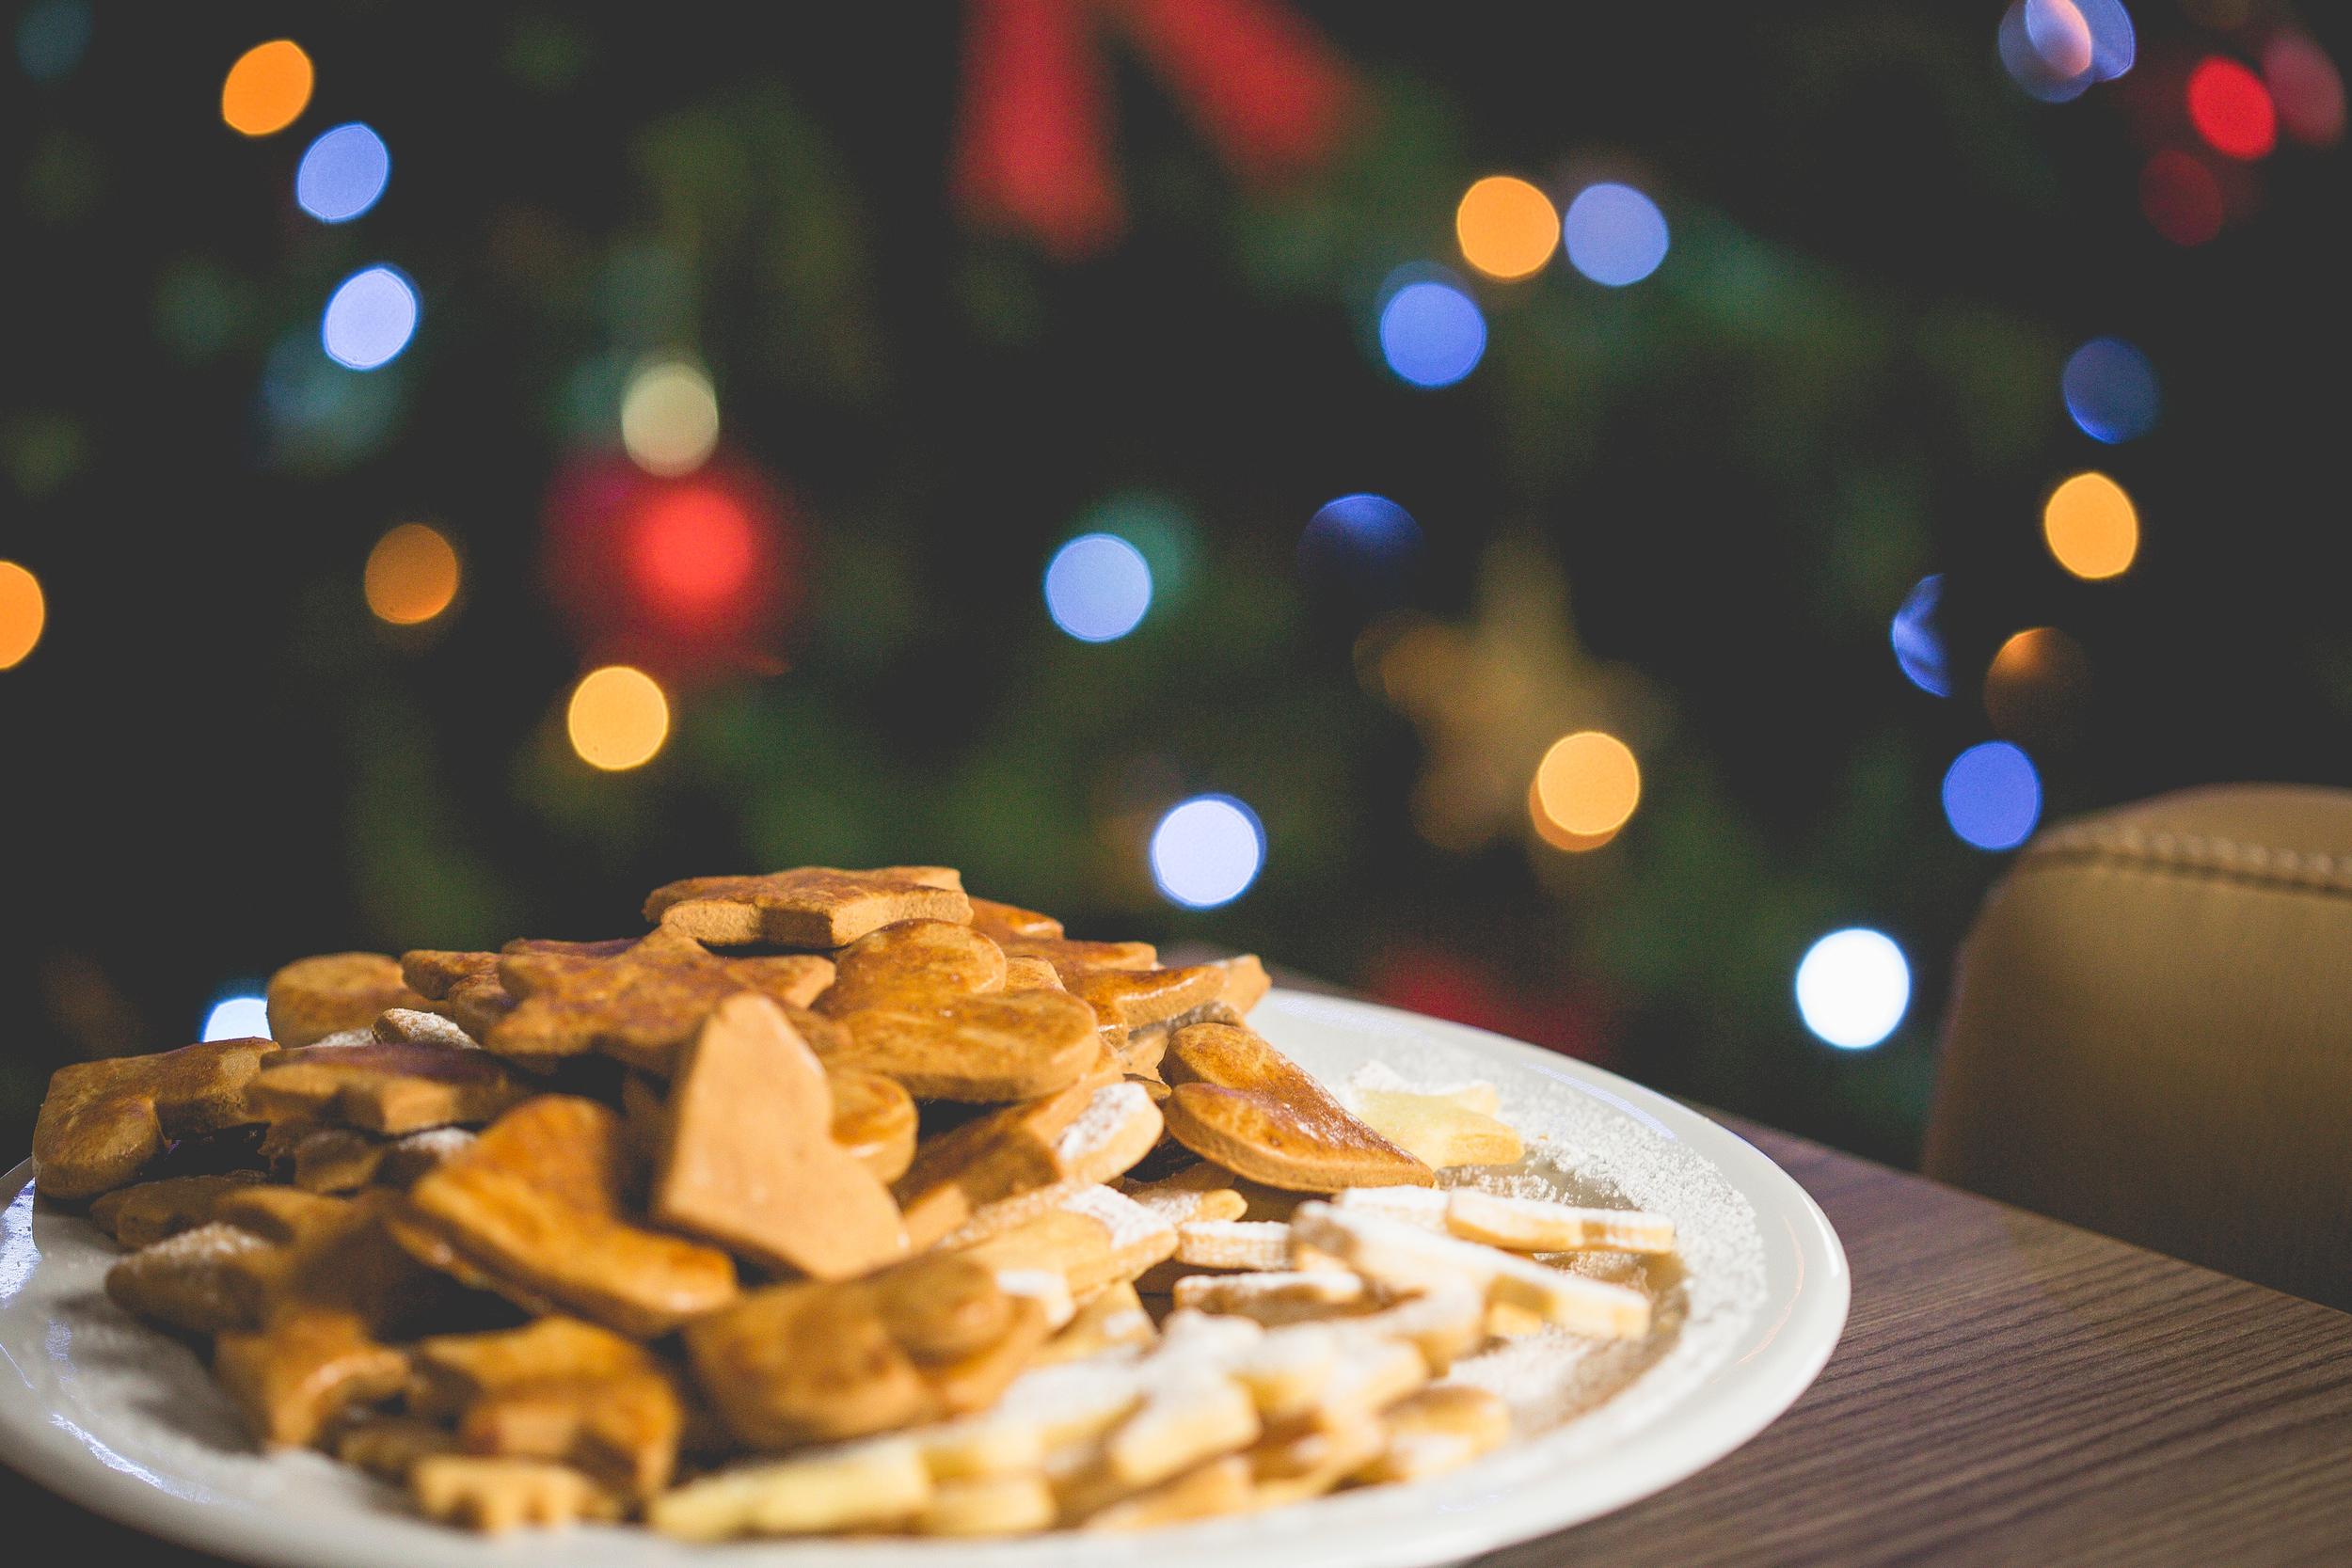 Christmas Lights and Cookies